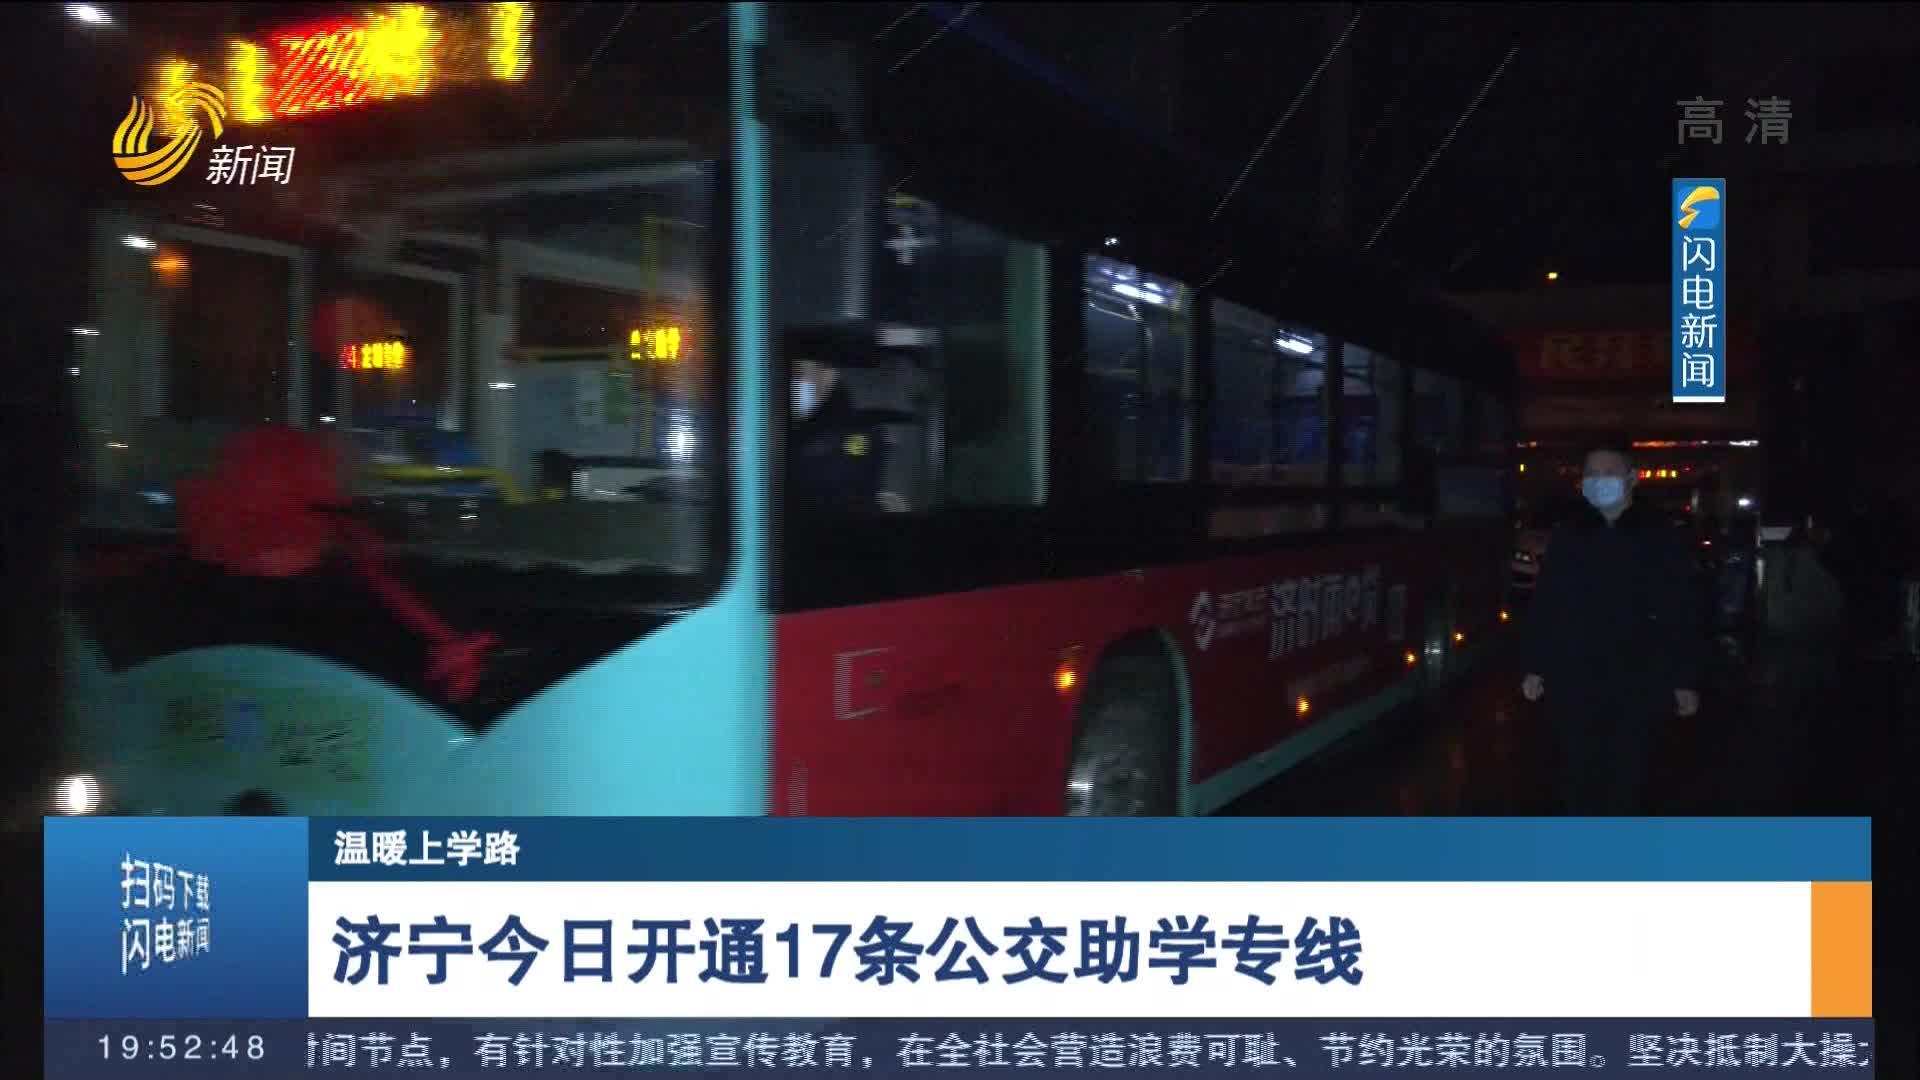 【温暖上学路】济宁今日开通17条公交助学专线